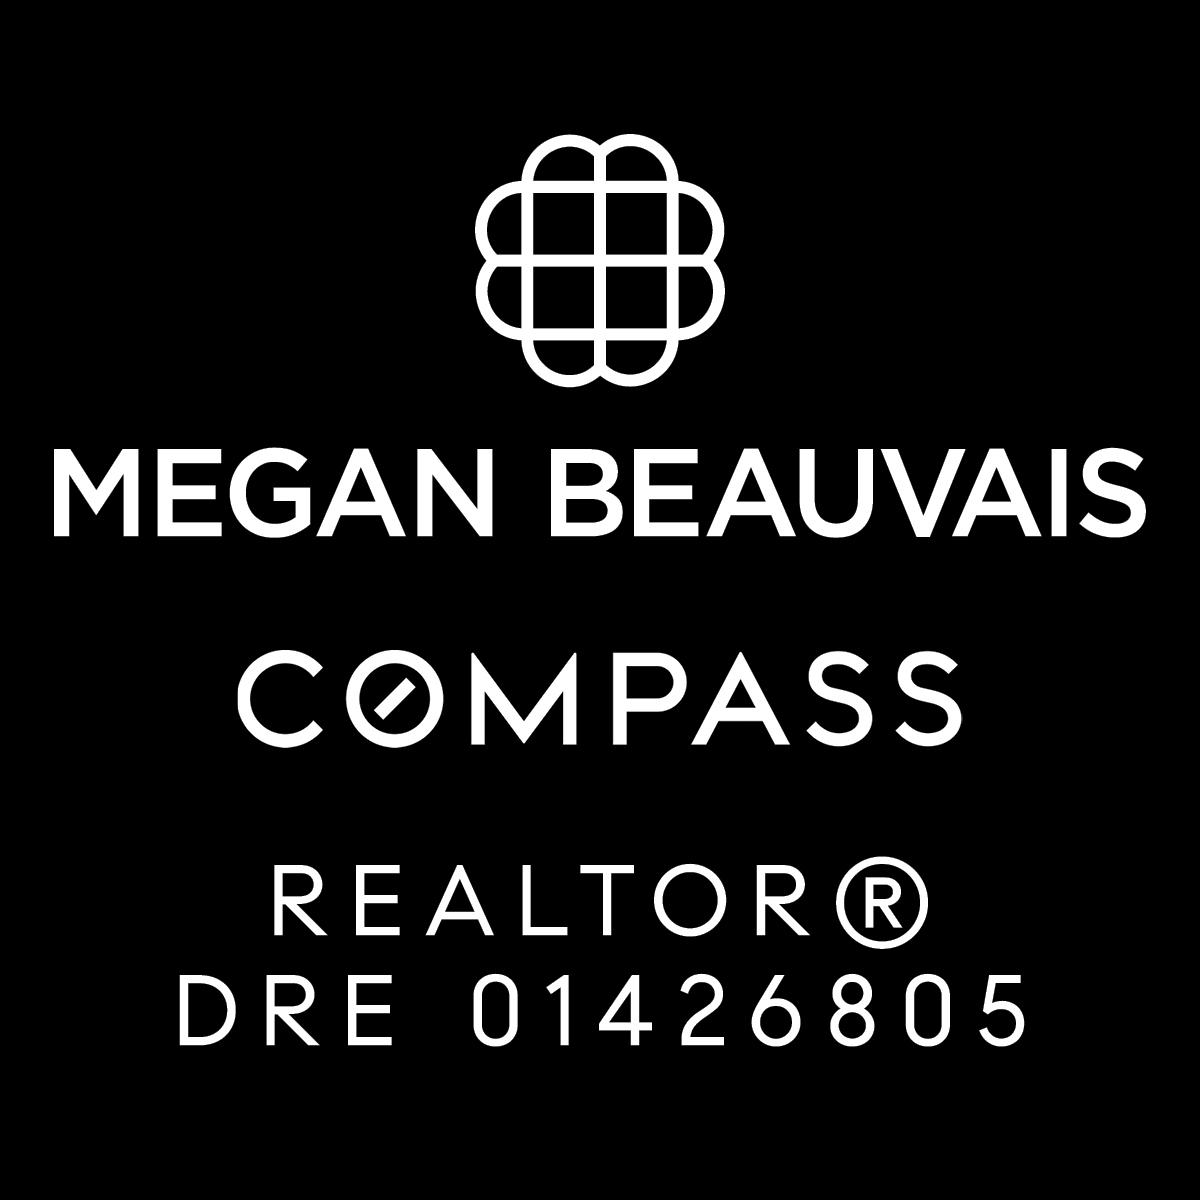 Megan Beauvais Compass Realtor DRE 01426805